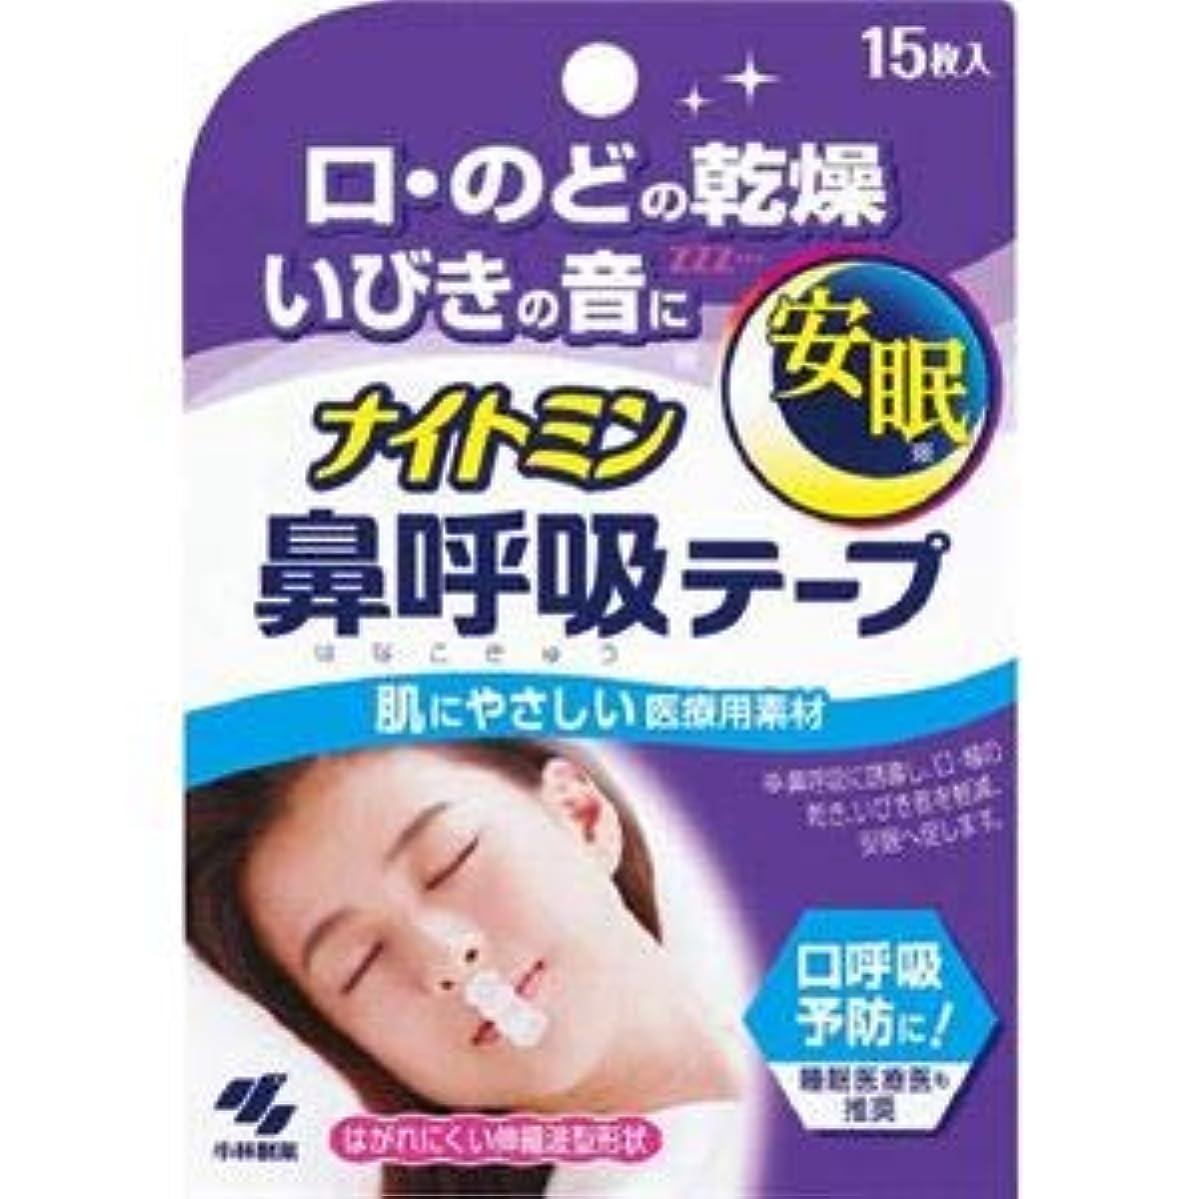 不条理実現可能性コントロール(まとめ)小林製薬 ナイトミン 鼻呼吸テープ 【×3点セット】